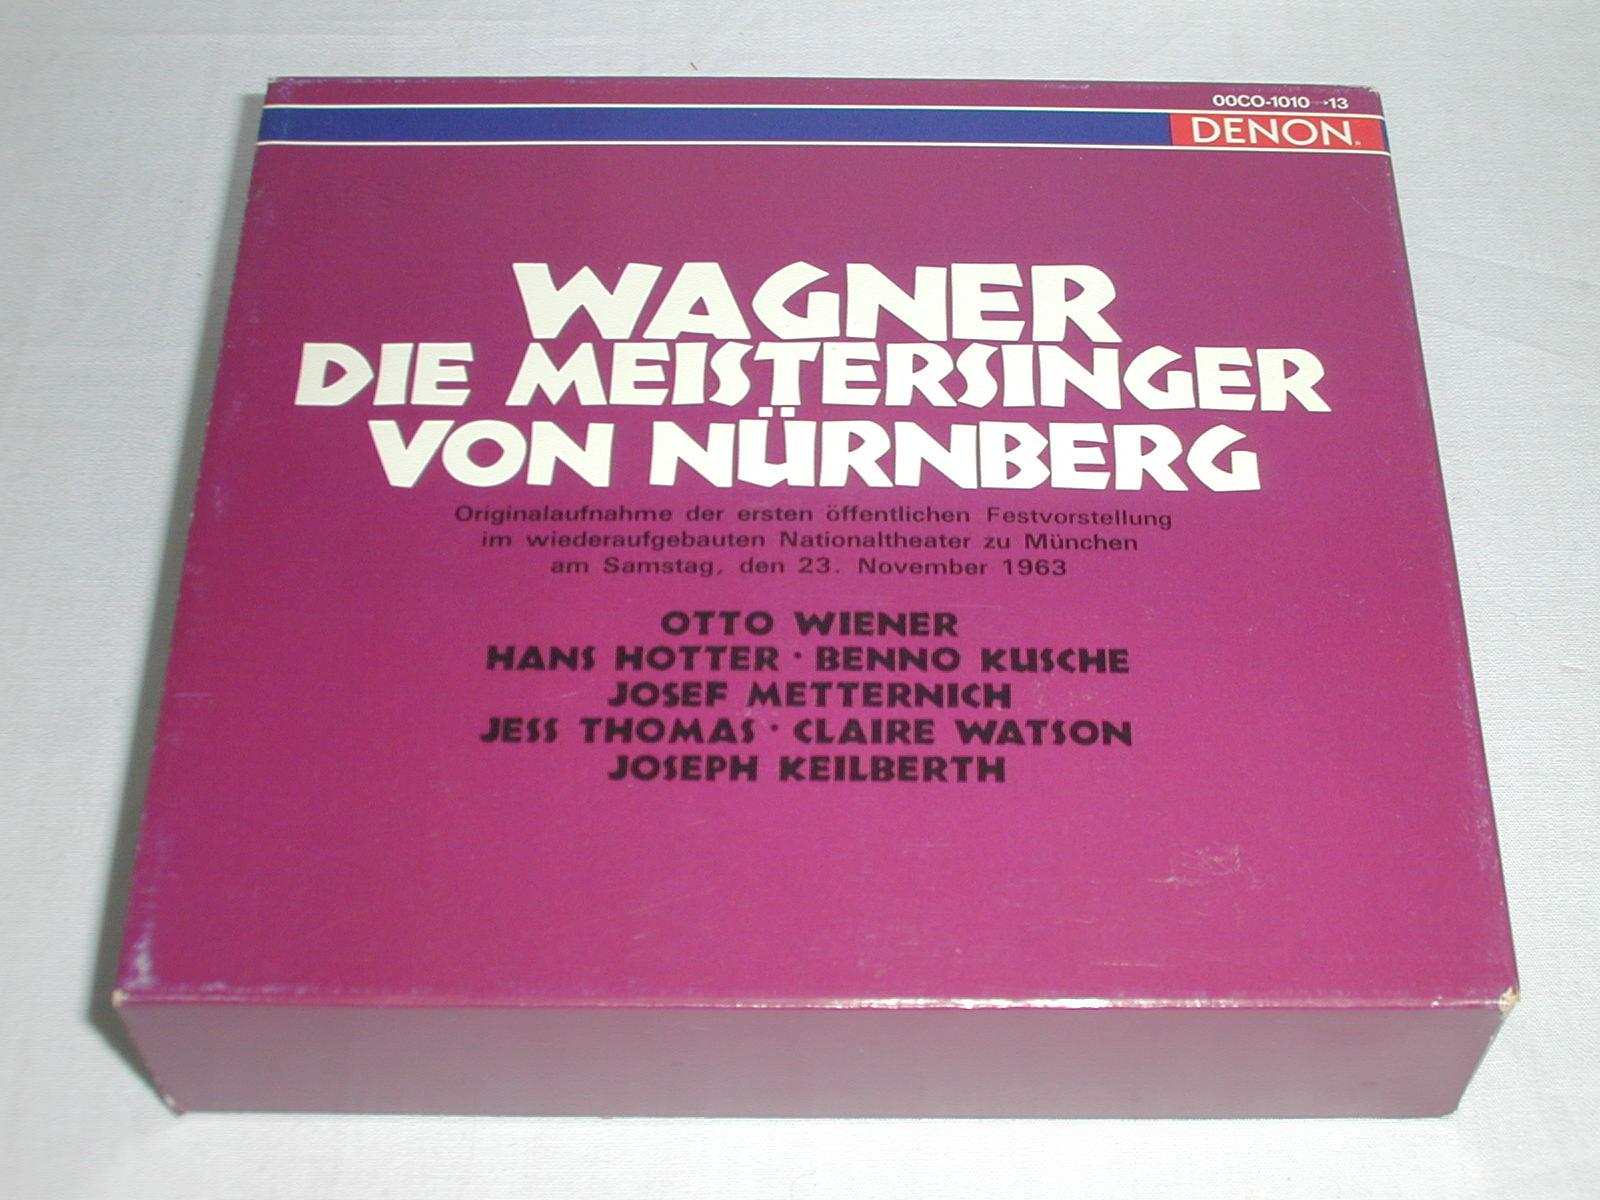 (CD) ワーグナー:楽劇「ニュルンベルクのマイスタージンガー」全曲/カイルベルト <4枚組>